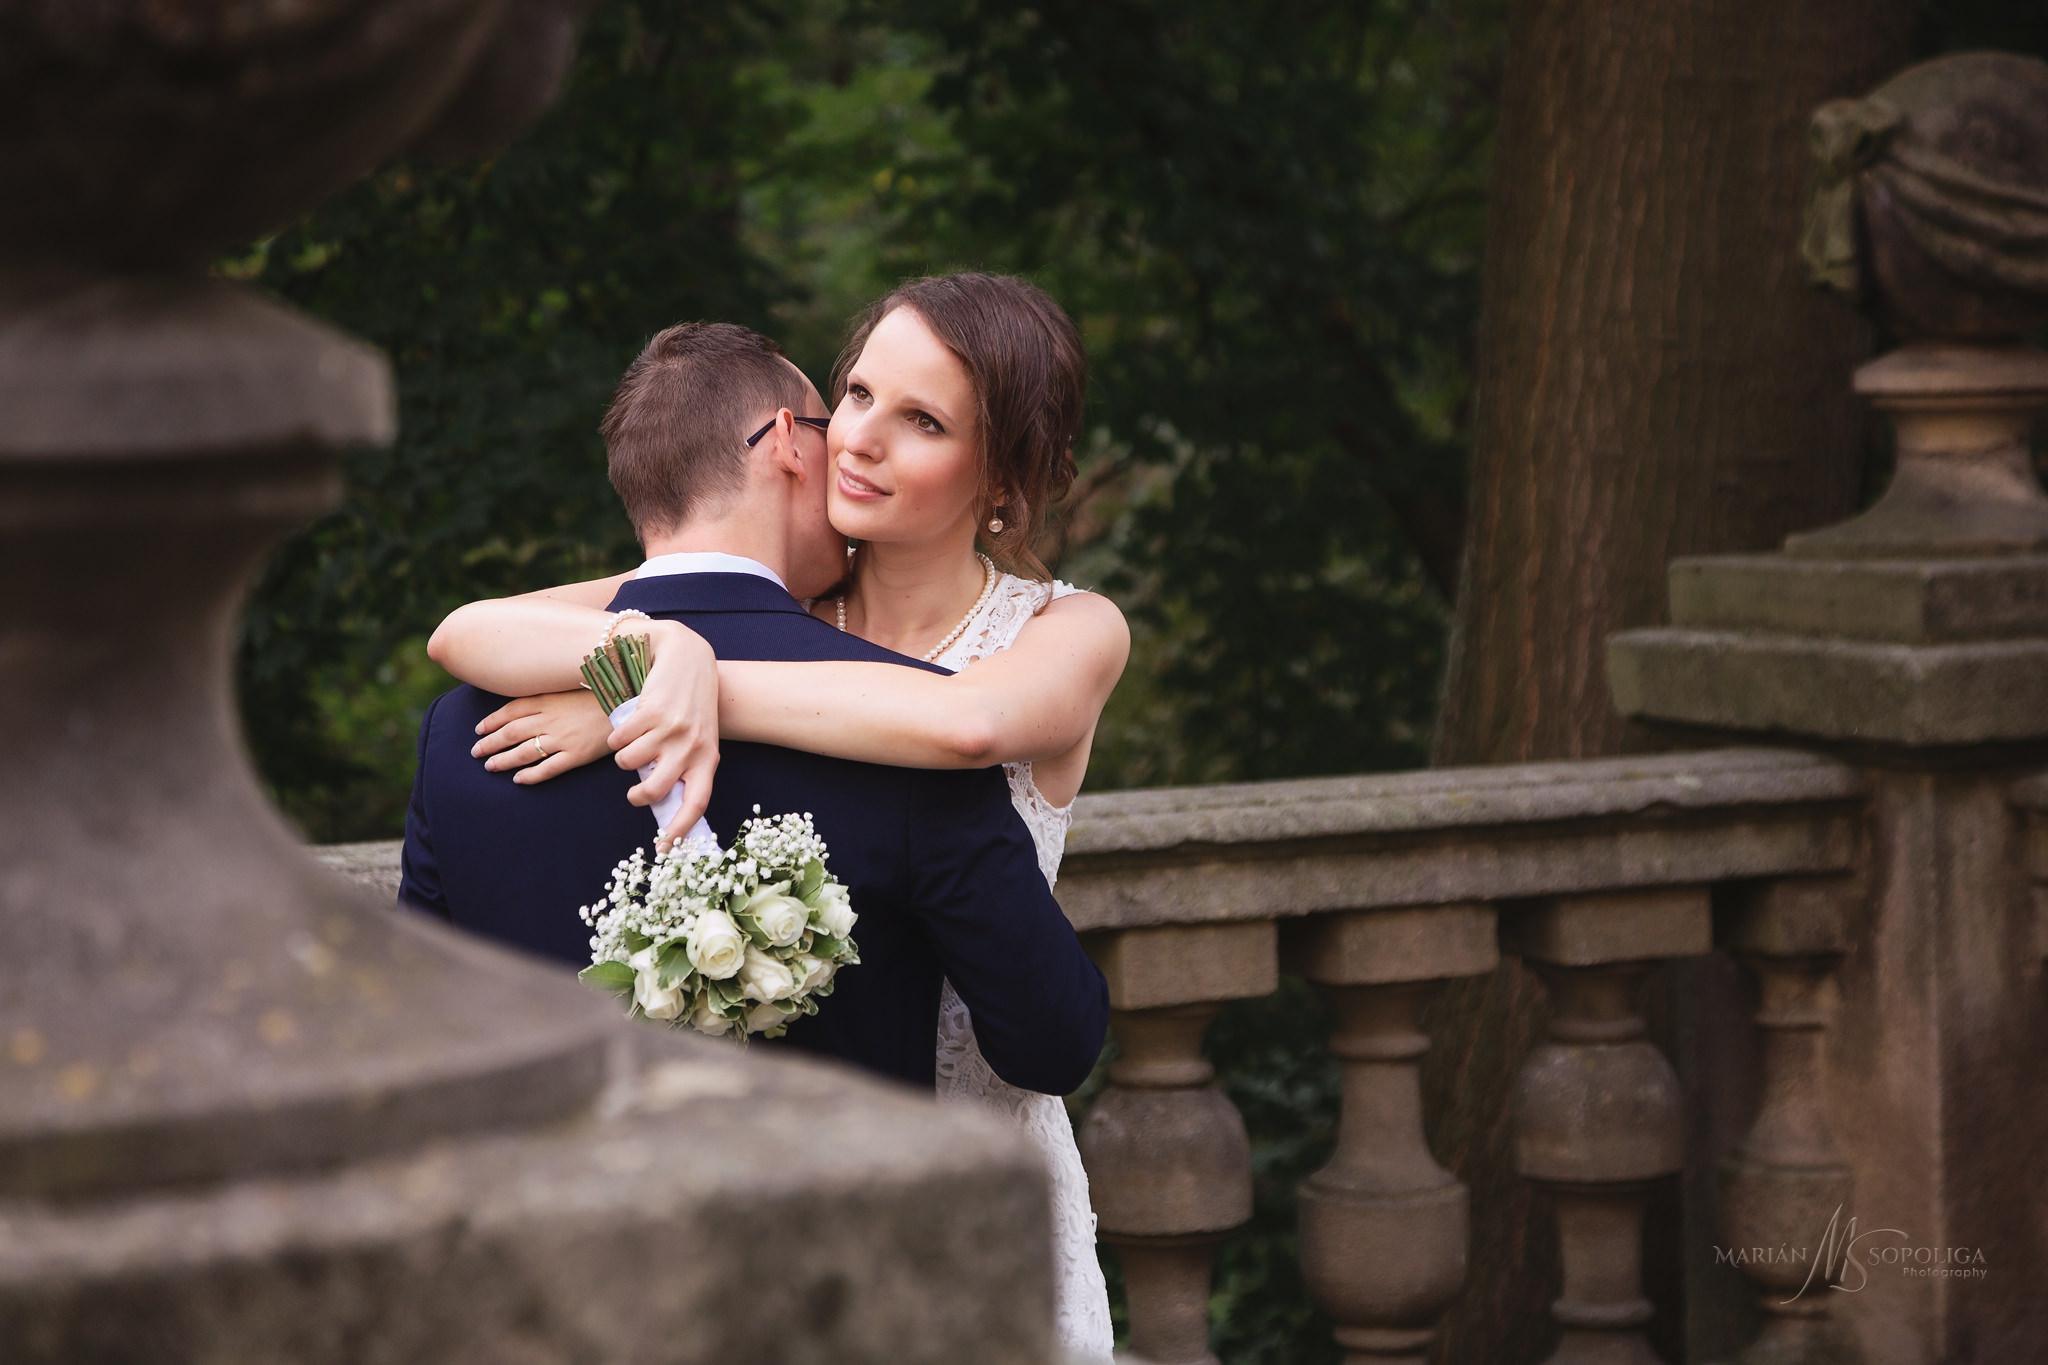 svatebni-fotograf-kromeriz-podzamecka-zahrada-novomanzele-v-obje